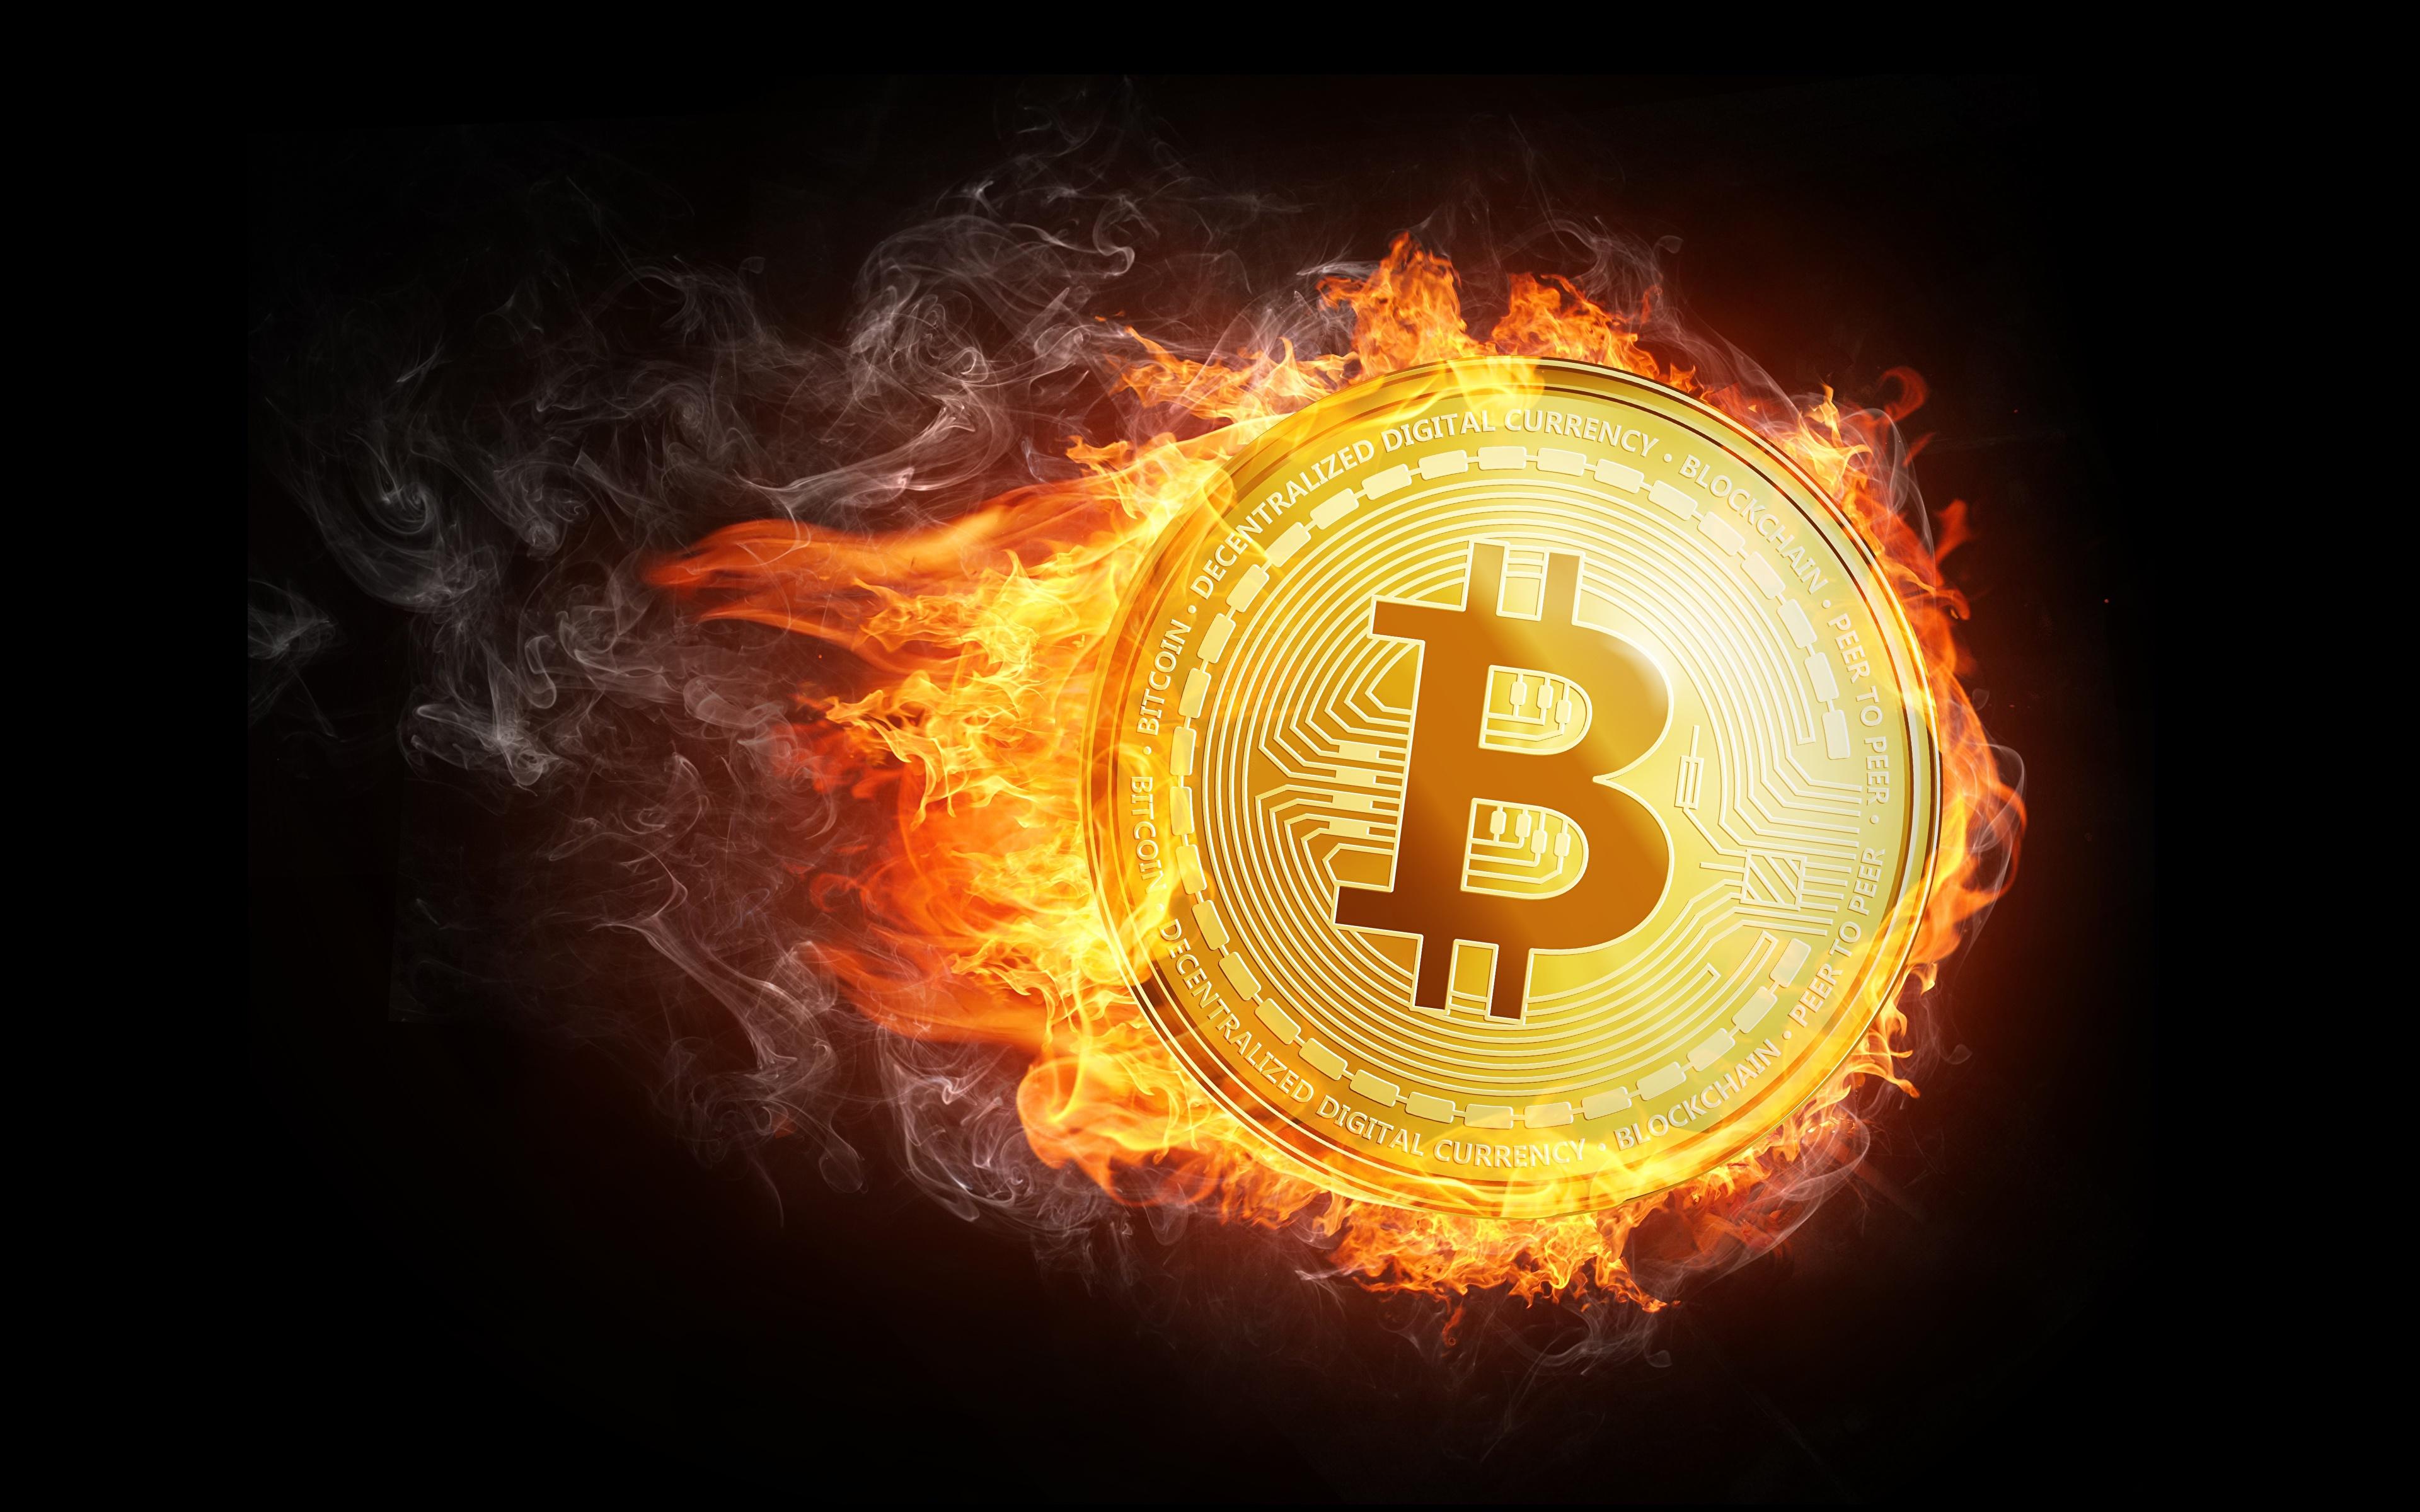 Bitcoin có thể chạm mốc 14 triệu USD trong 10 năm tới theo CEO của MicroStrategy